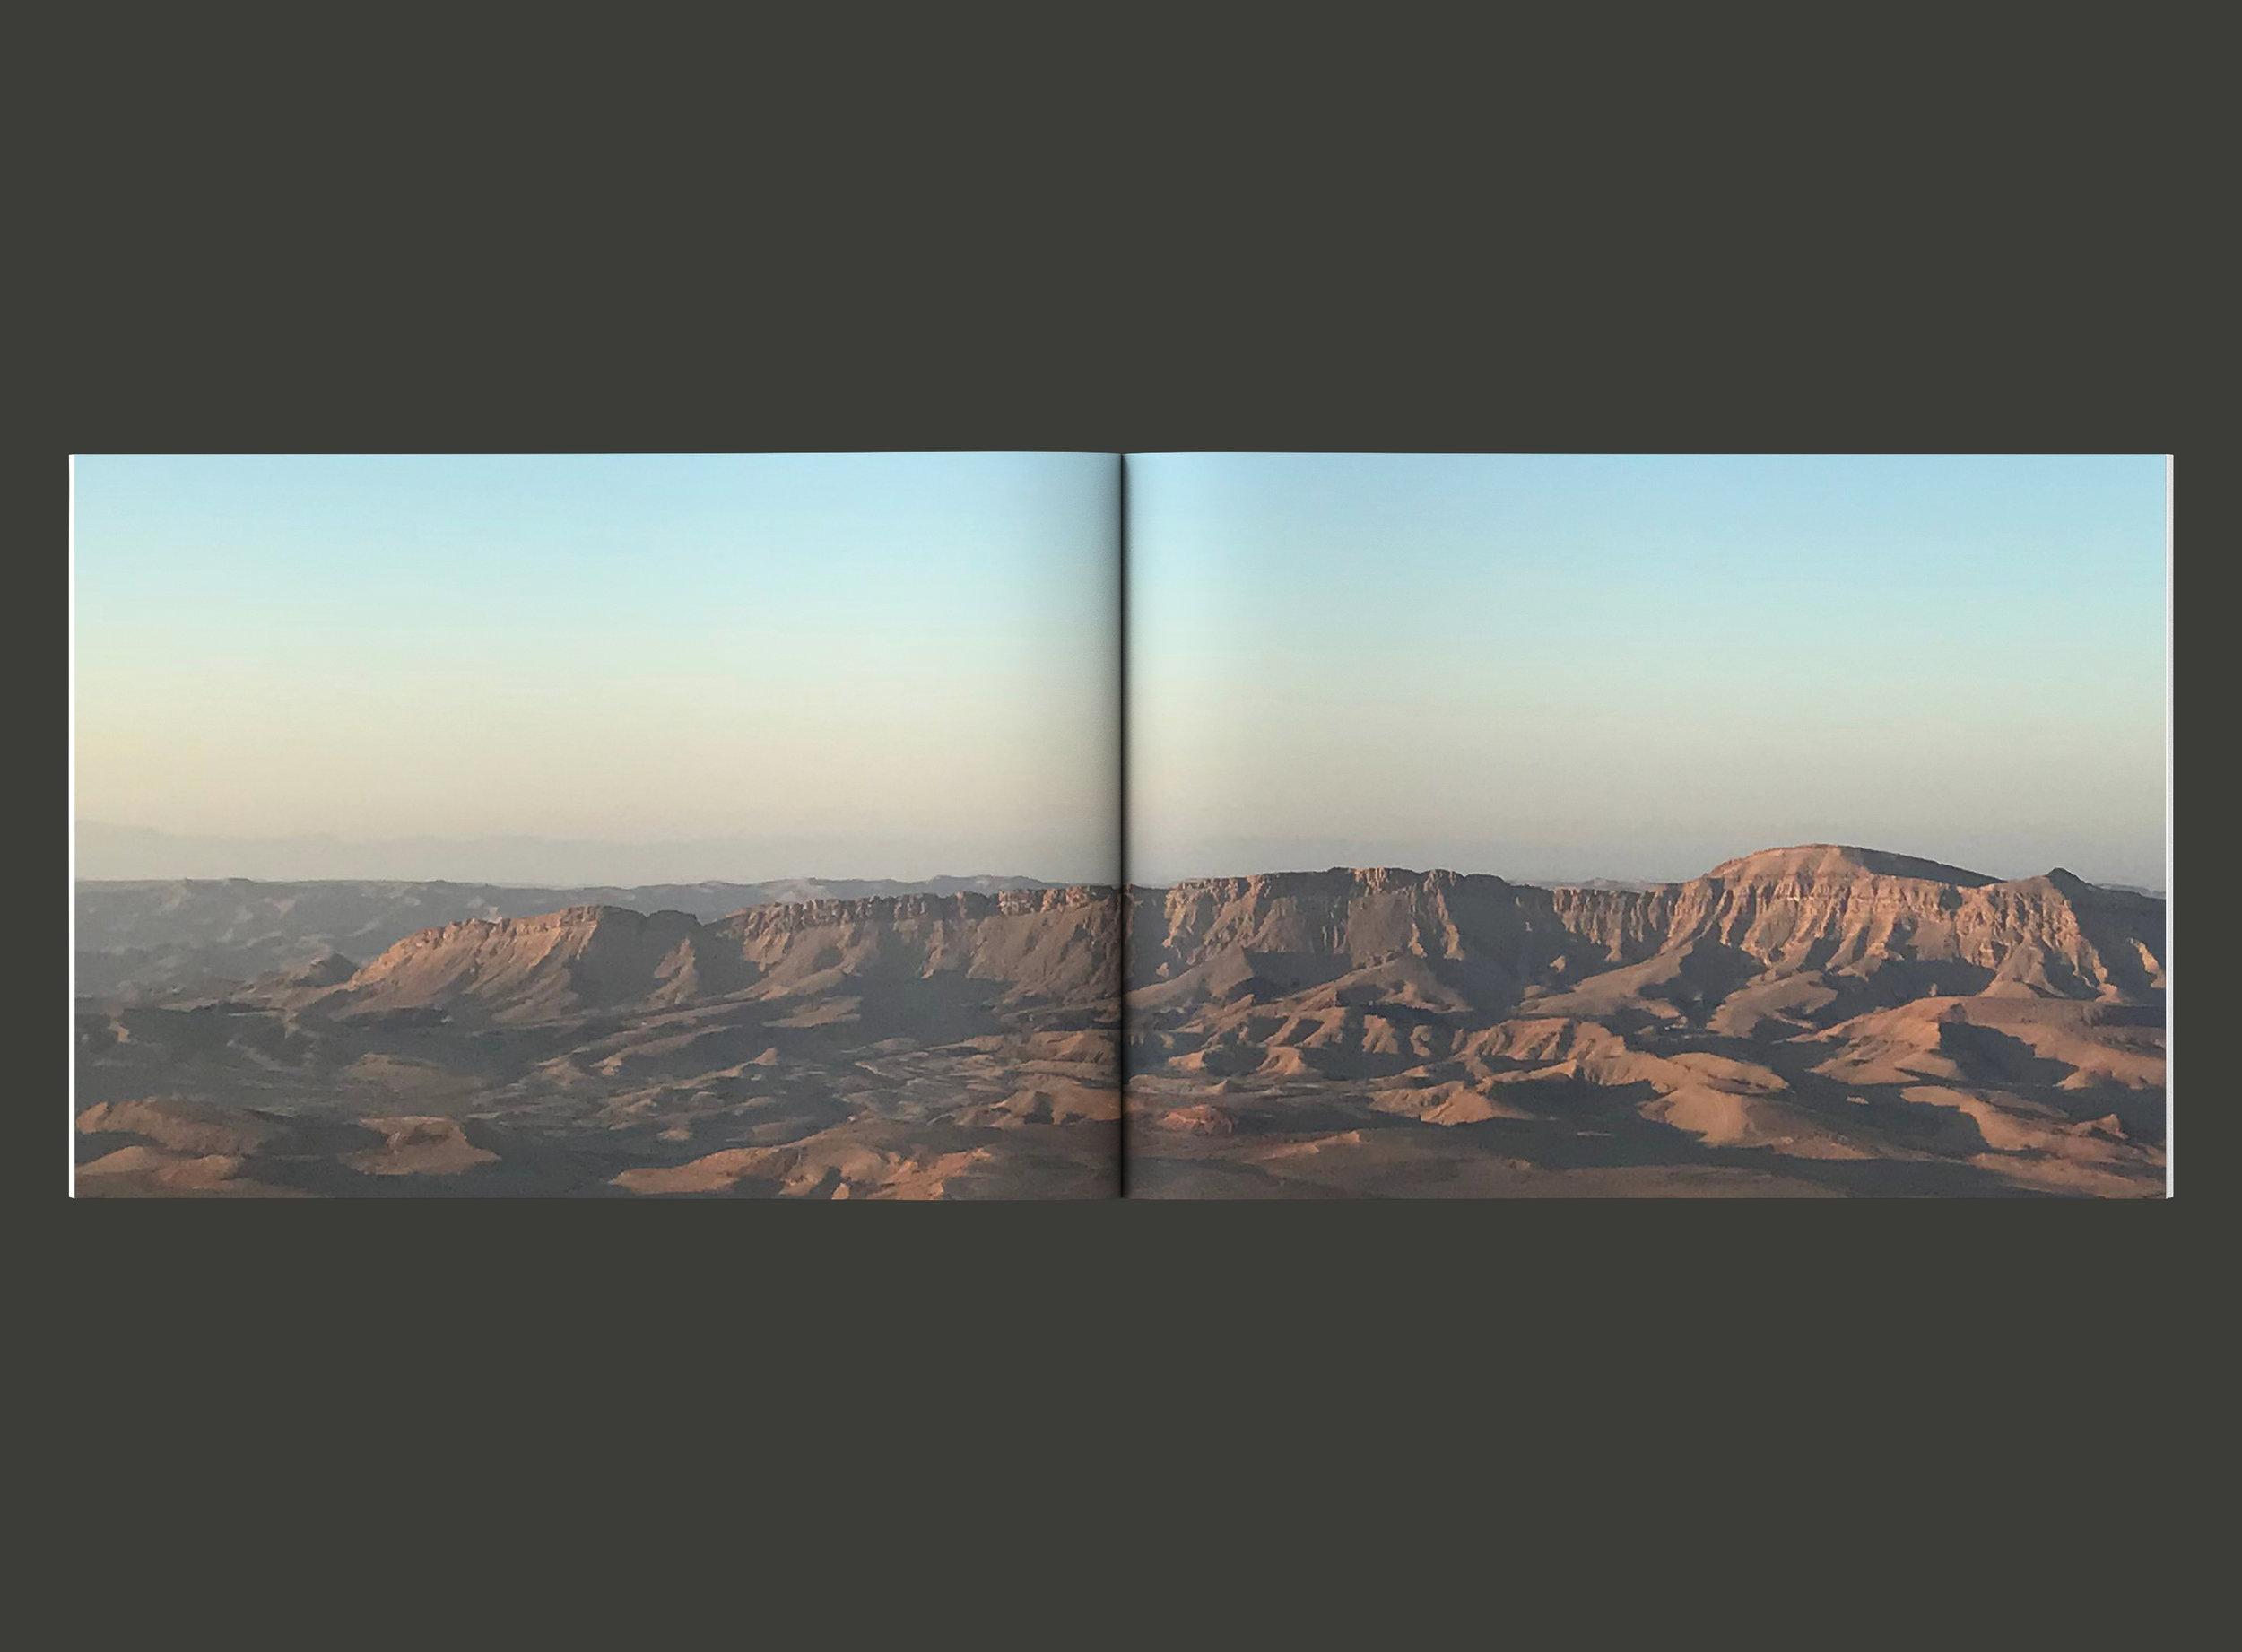 FONN desert photo.jpg